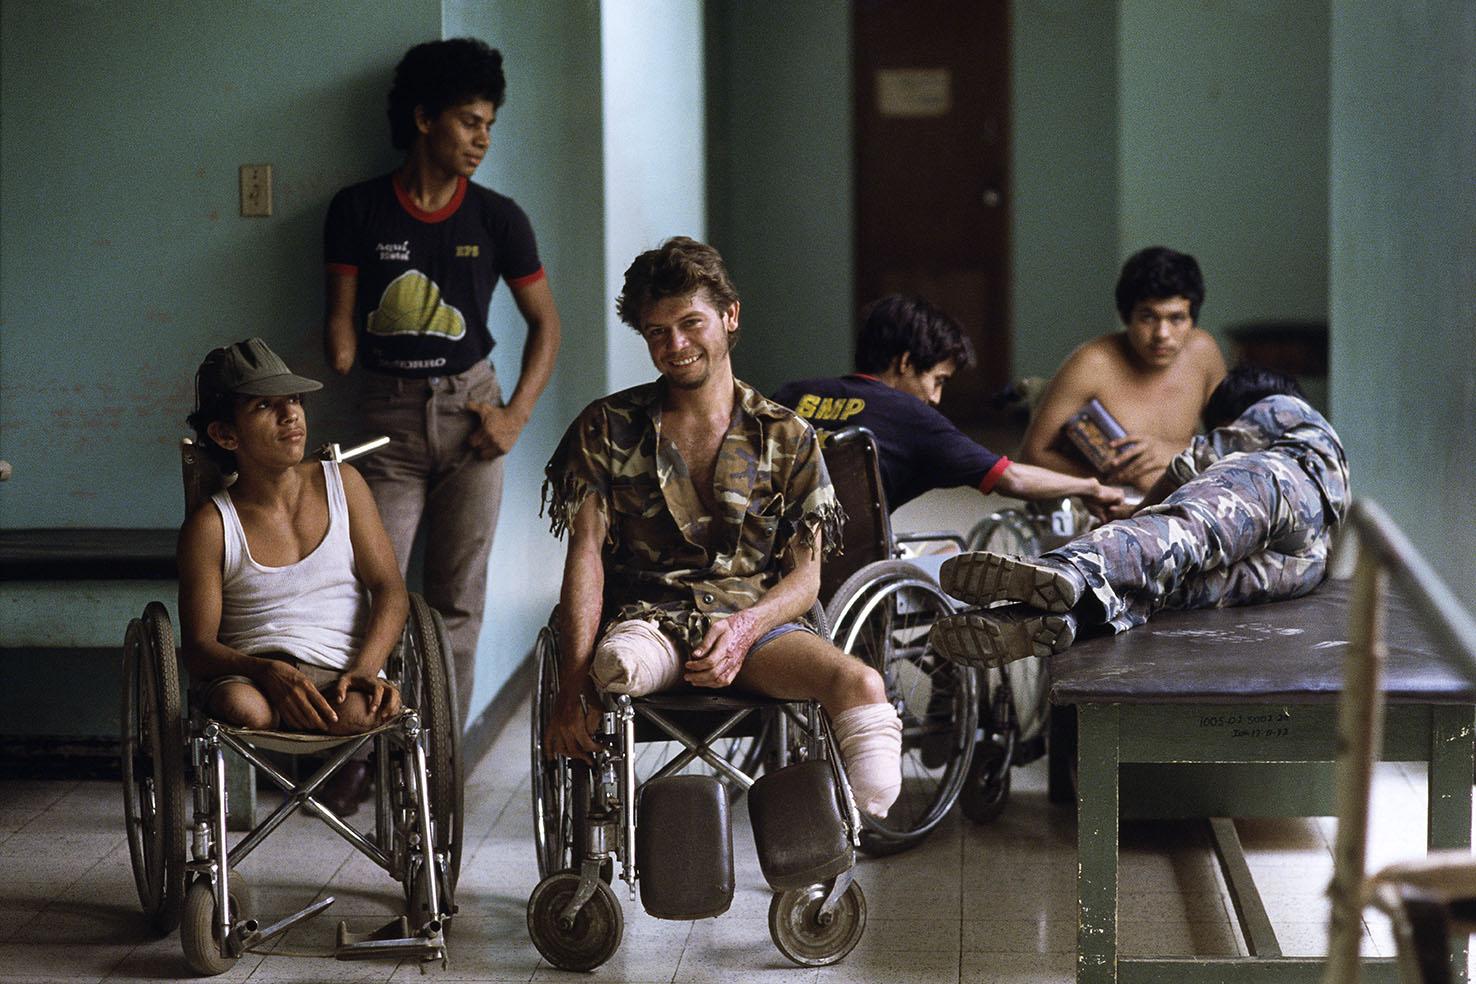 Mauro Galligani - Managua, Nicaragua, 1987. La guerra tra sandinisti e contras ha contato 50.000 morti e migliaia di mutilati, saltati sulle mine. René Varga (al centro), 19 anni, militare di leva, ricoverato nell'ospedale della capitale, attende che siano costruite le protesi per poter di nuovo camminare.